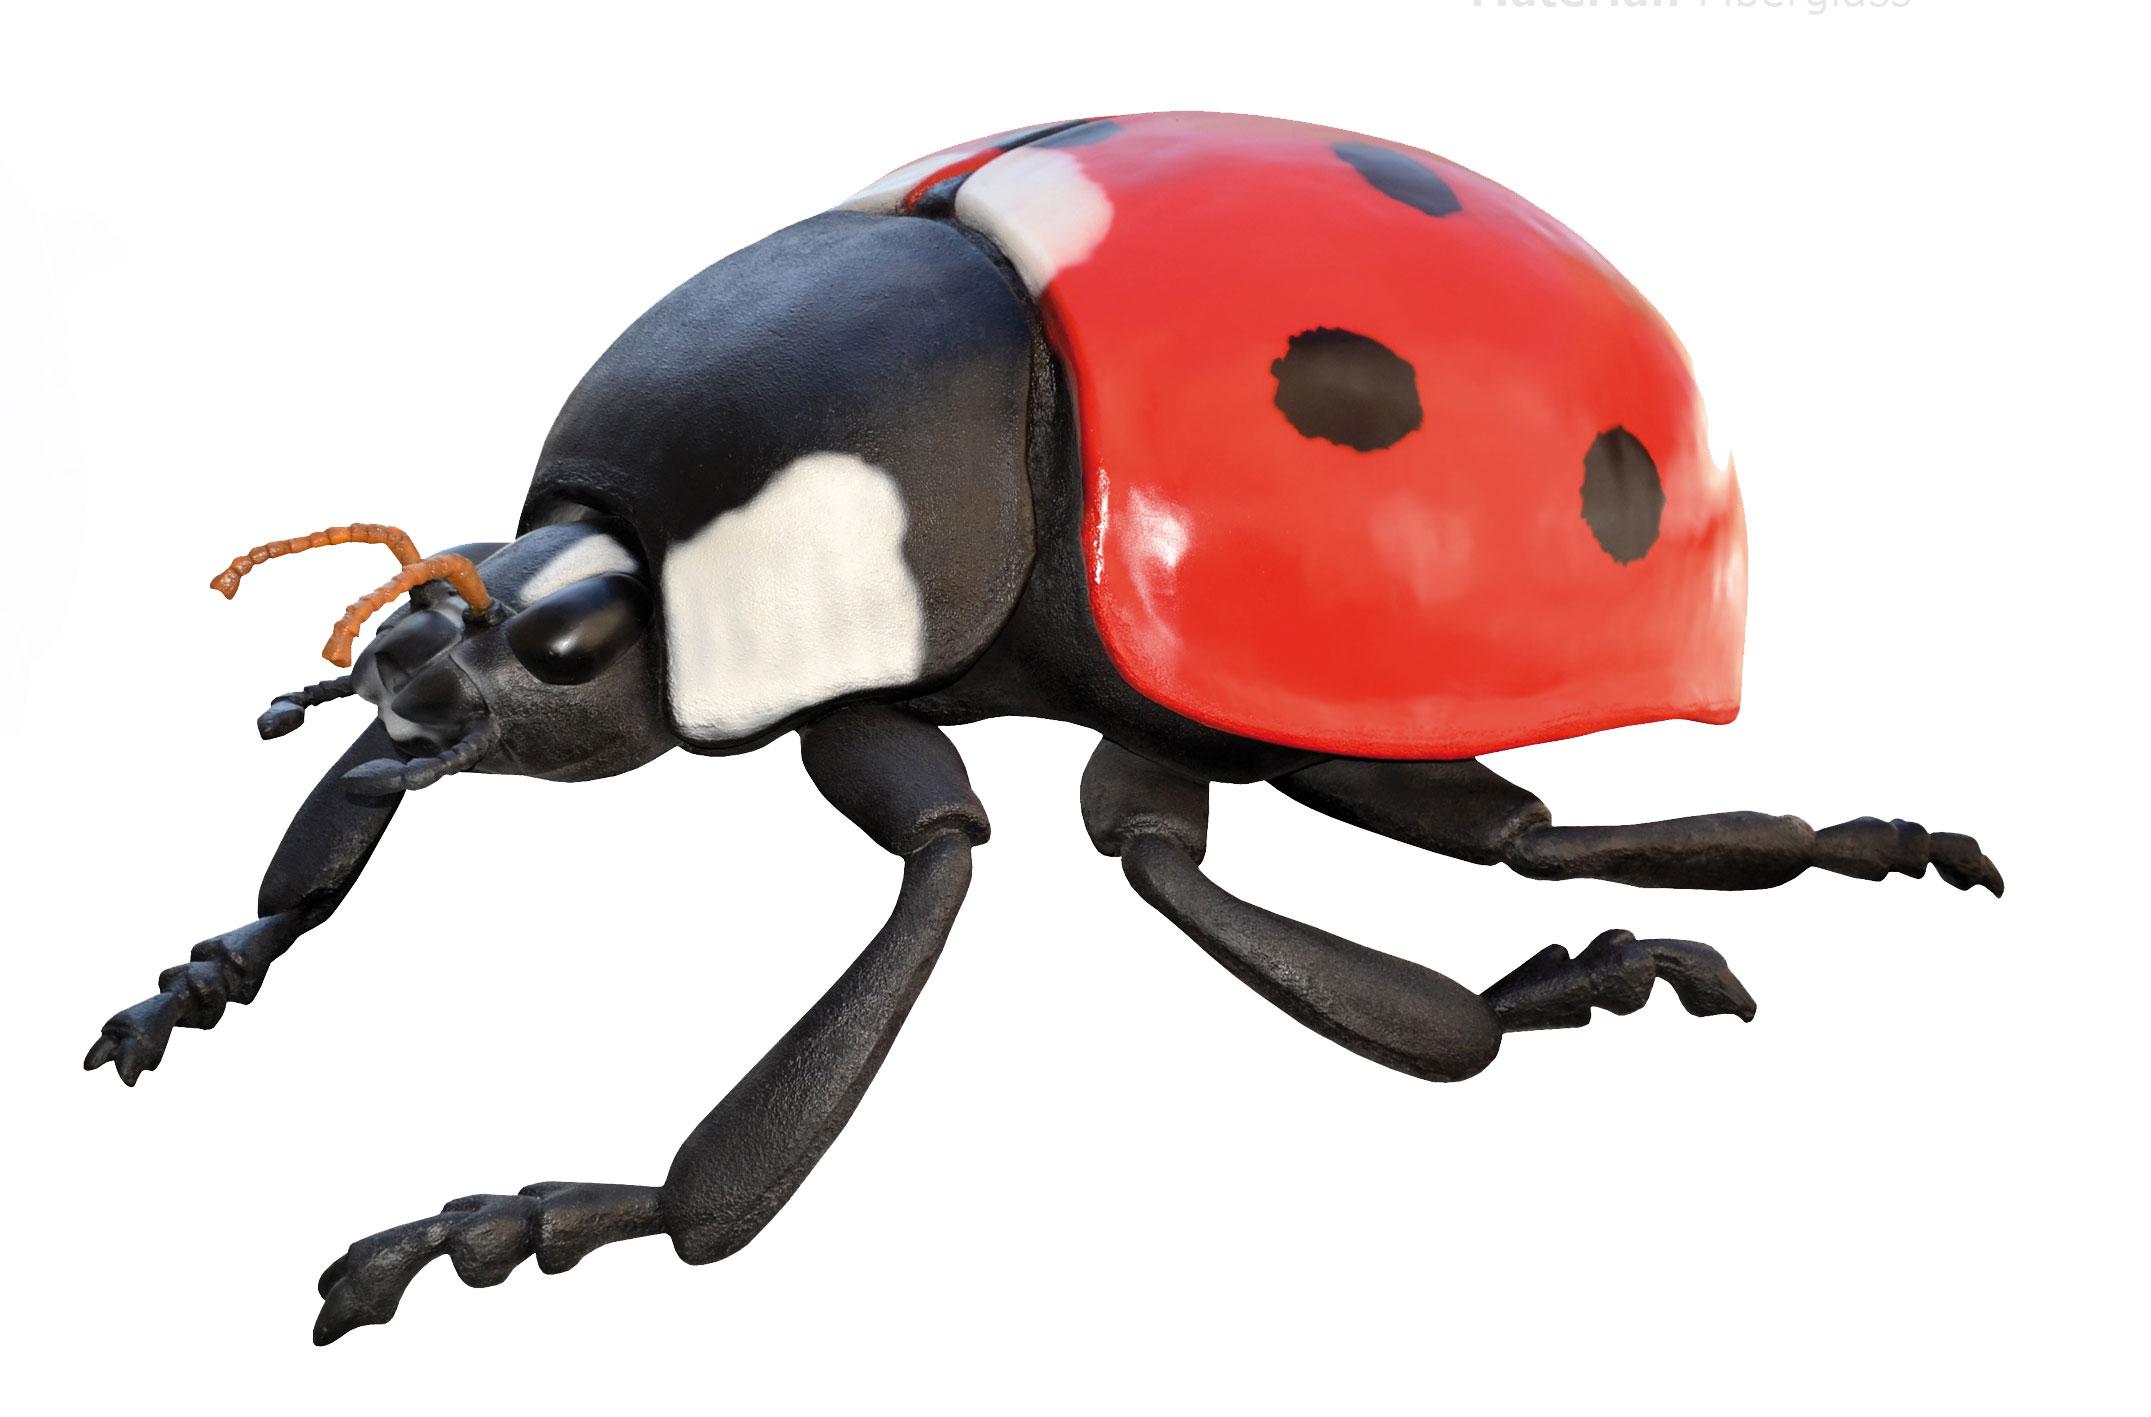 Insekt_frit_3.jpg